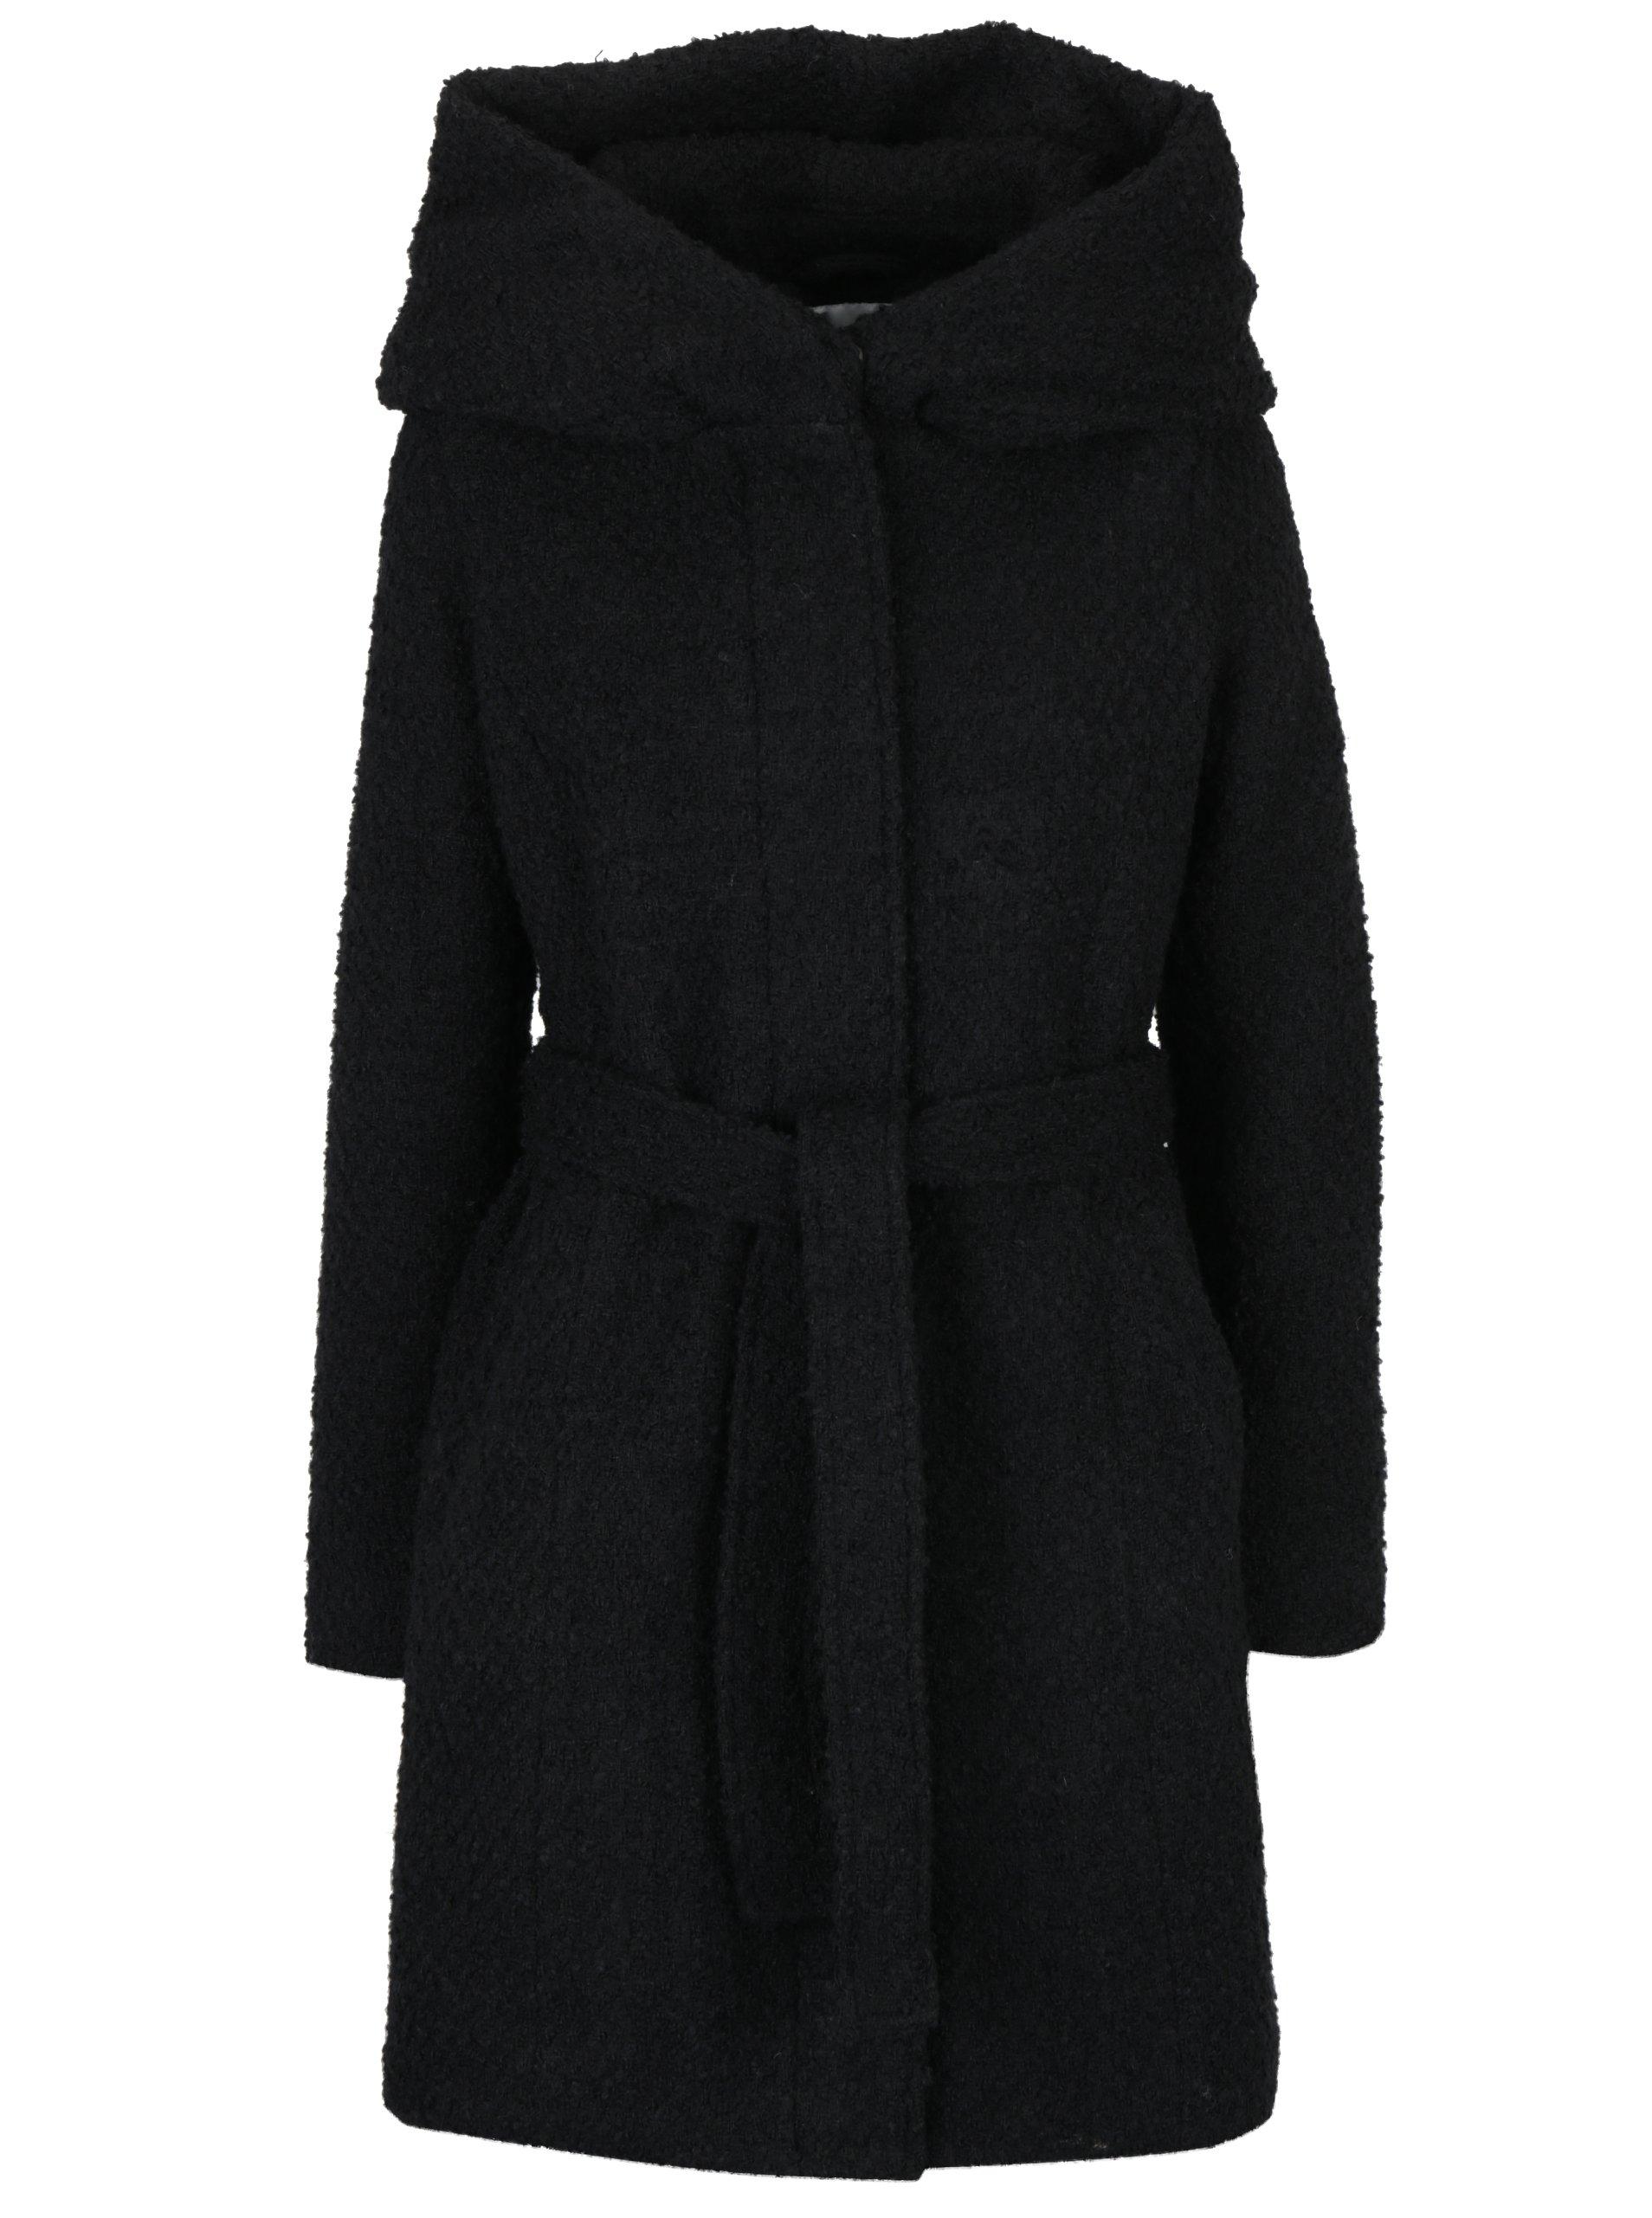 205a74bce Čierny zimný kabát s prímesou vlny a kapucňou VILA Cama | Moda.sk